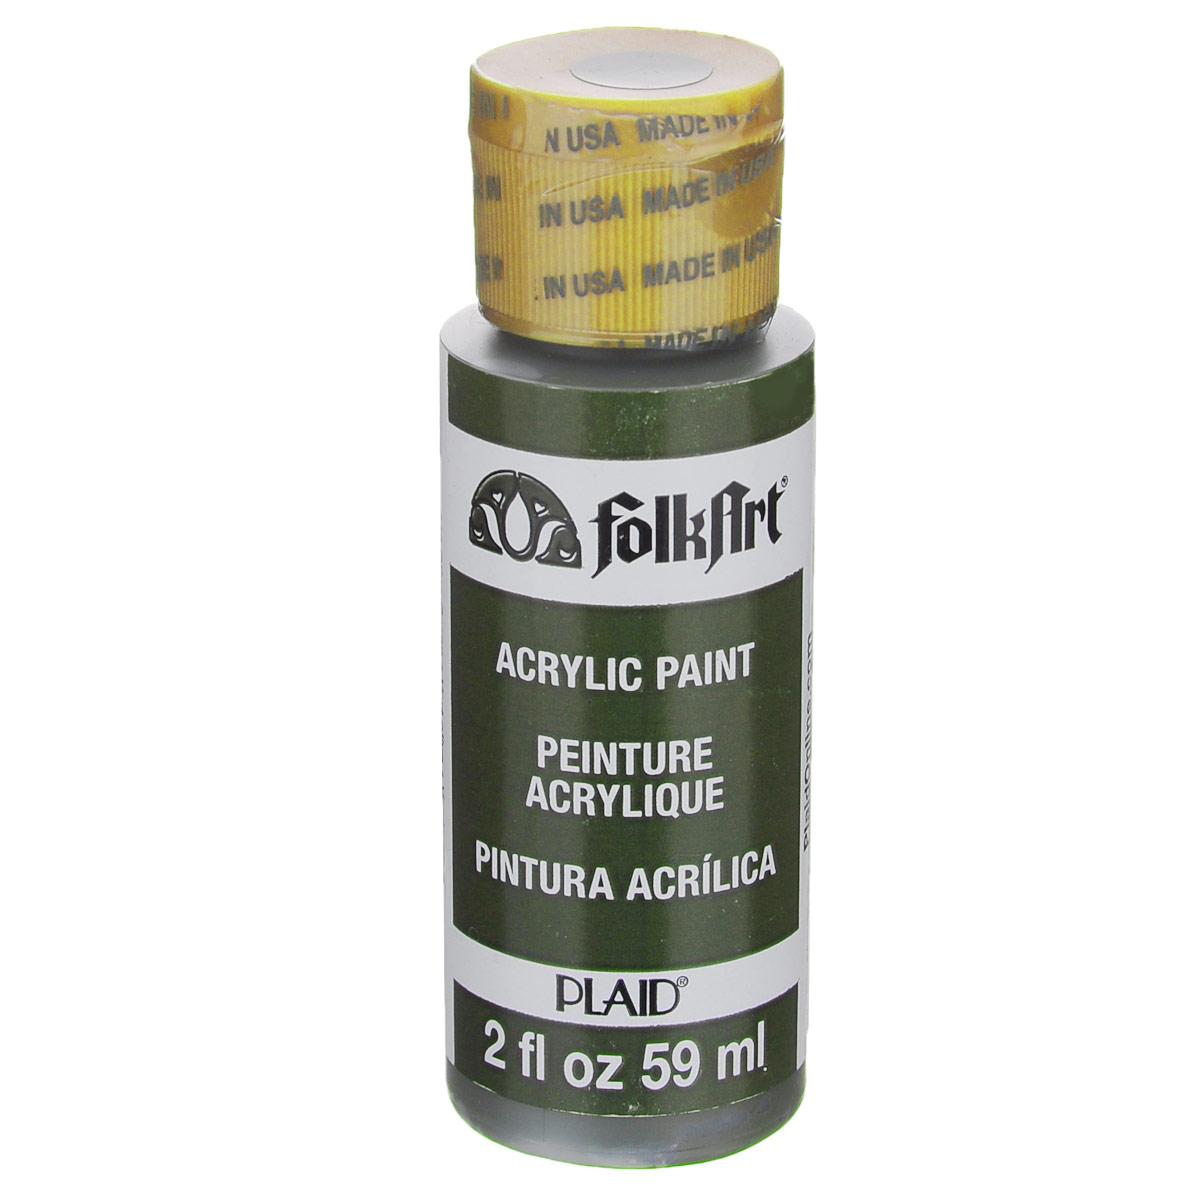 Акриловая краска FolkArt, цвет: оливковый зеленый, 59 млPLD-00449Акриловая краска FolkArt выполнена на водной основе и предназначена для рисования на пористых поверхностях. Краска устойчива к погодным и ультрафиолетовым воздействиям. Не нуждается в дополнительном покрытии герметиком. После высыхания имеет глянцевый вид. Изделия покрытые краской FolkArt, прекрасно дополнят ваш интерьер. Объем: 59 мл.